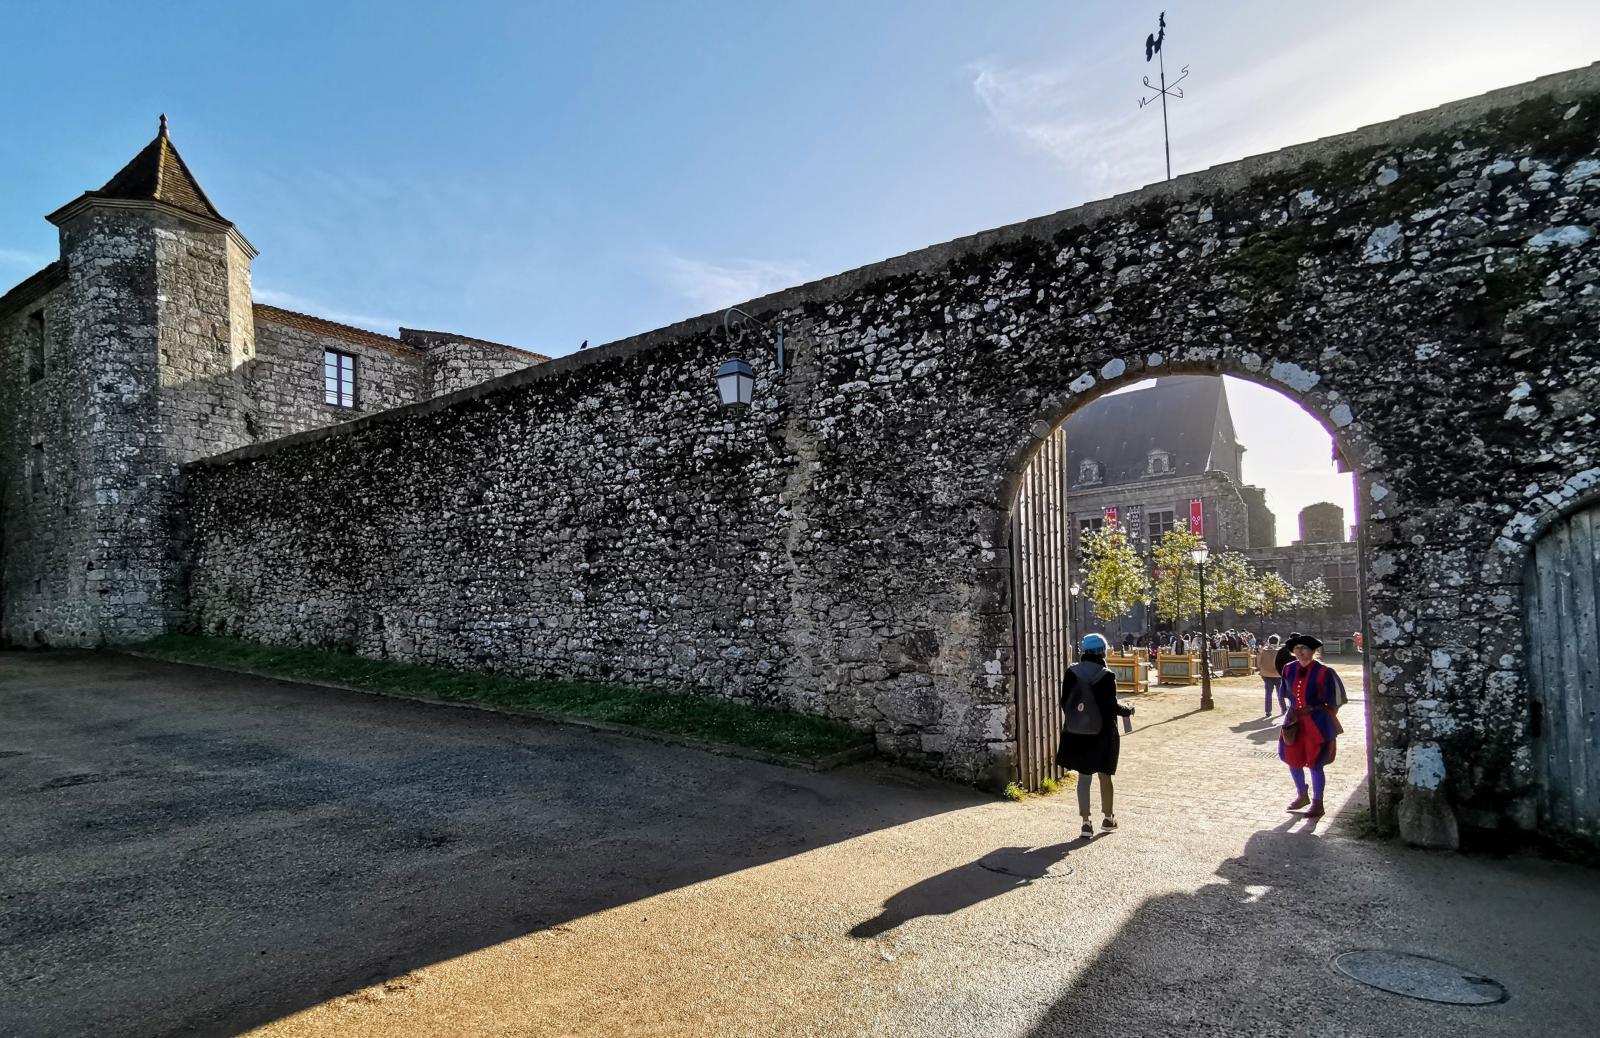 Här är vi på väg in genom muren till slottsgården för att besöka parkens eget (nybyggda) renässansslott.